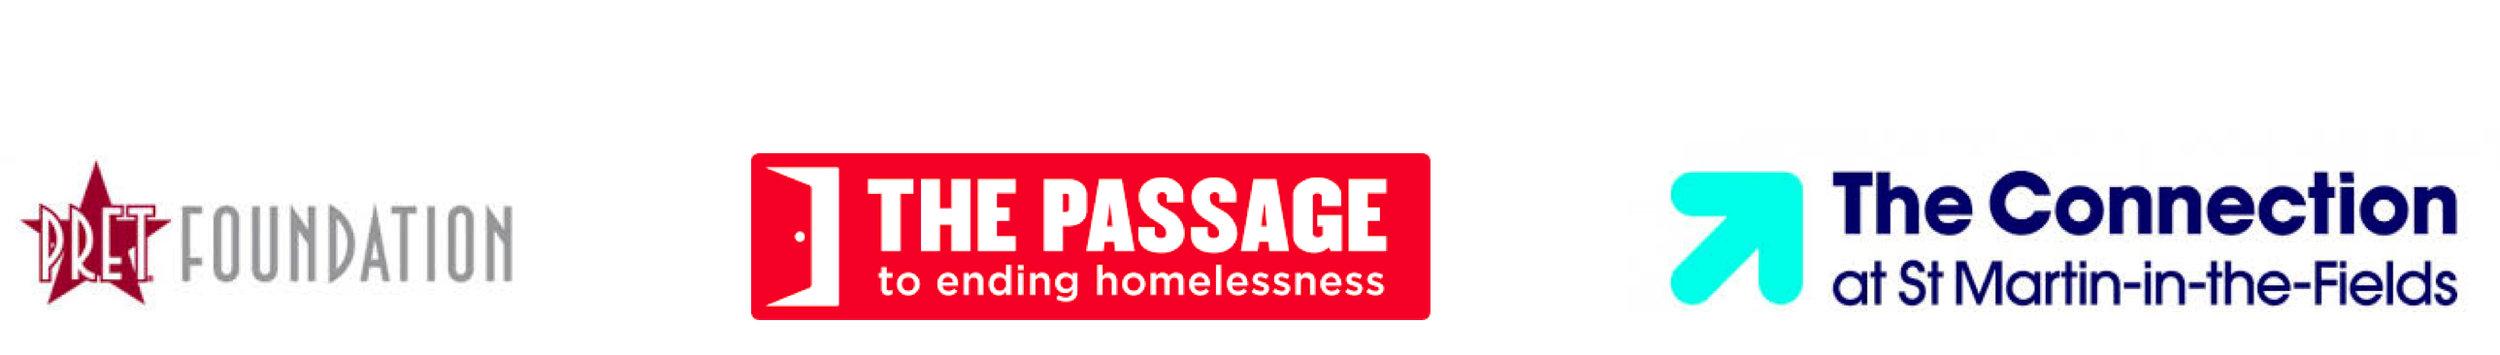 Homeless logos.jpg